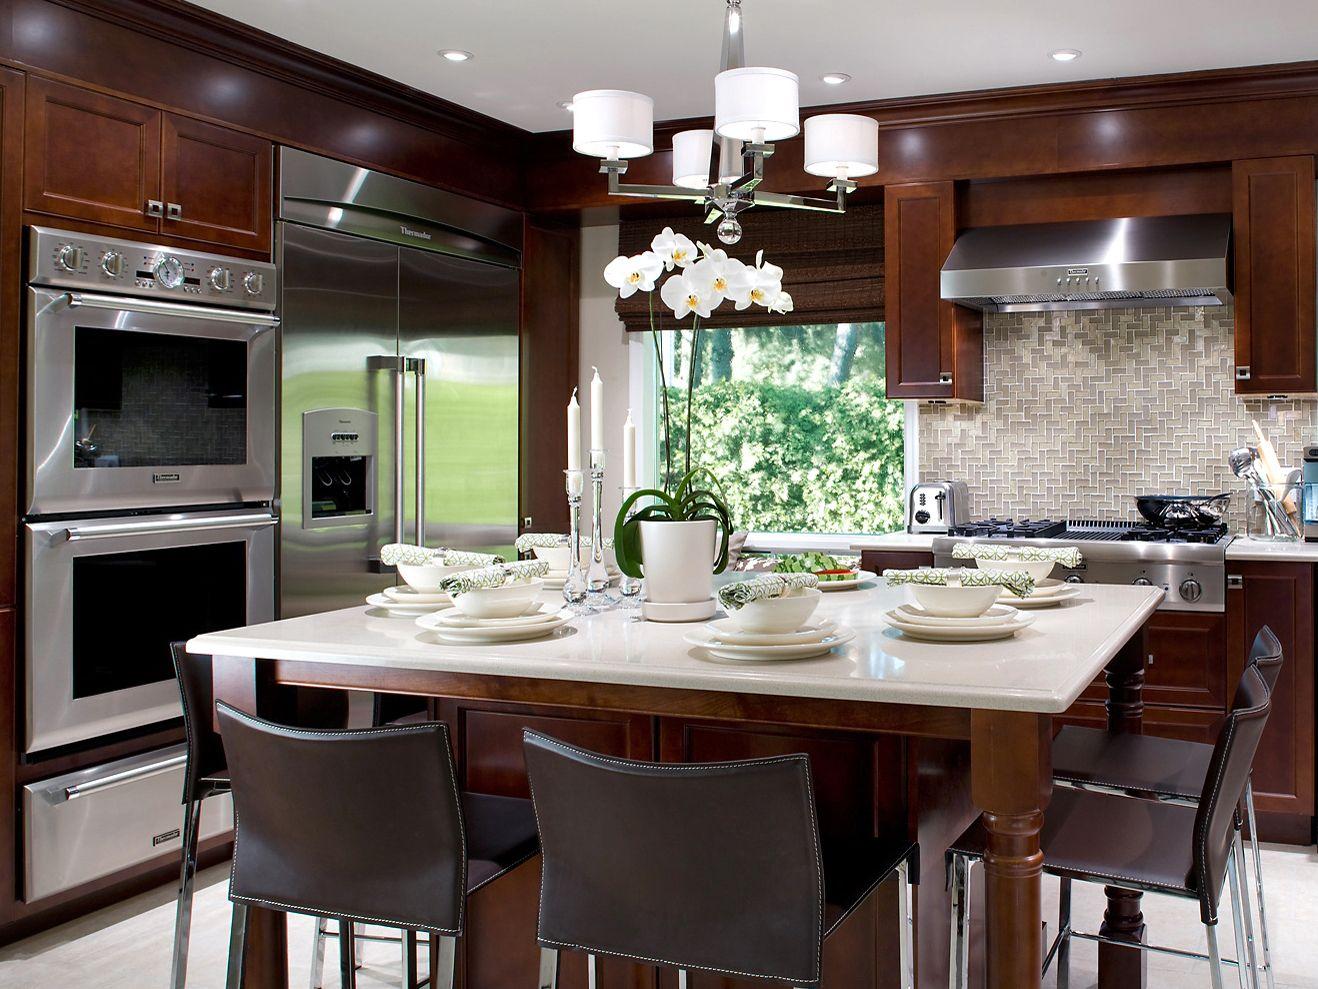 Conoce más en: omnisport.com/kitchensolutions/ | Decoracion de casas ...